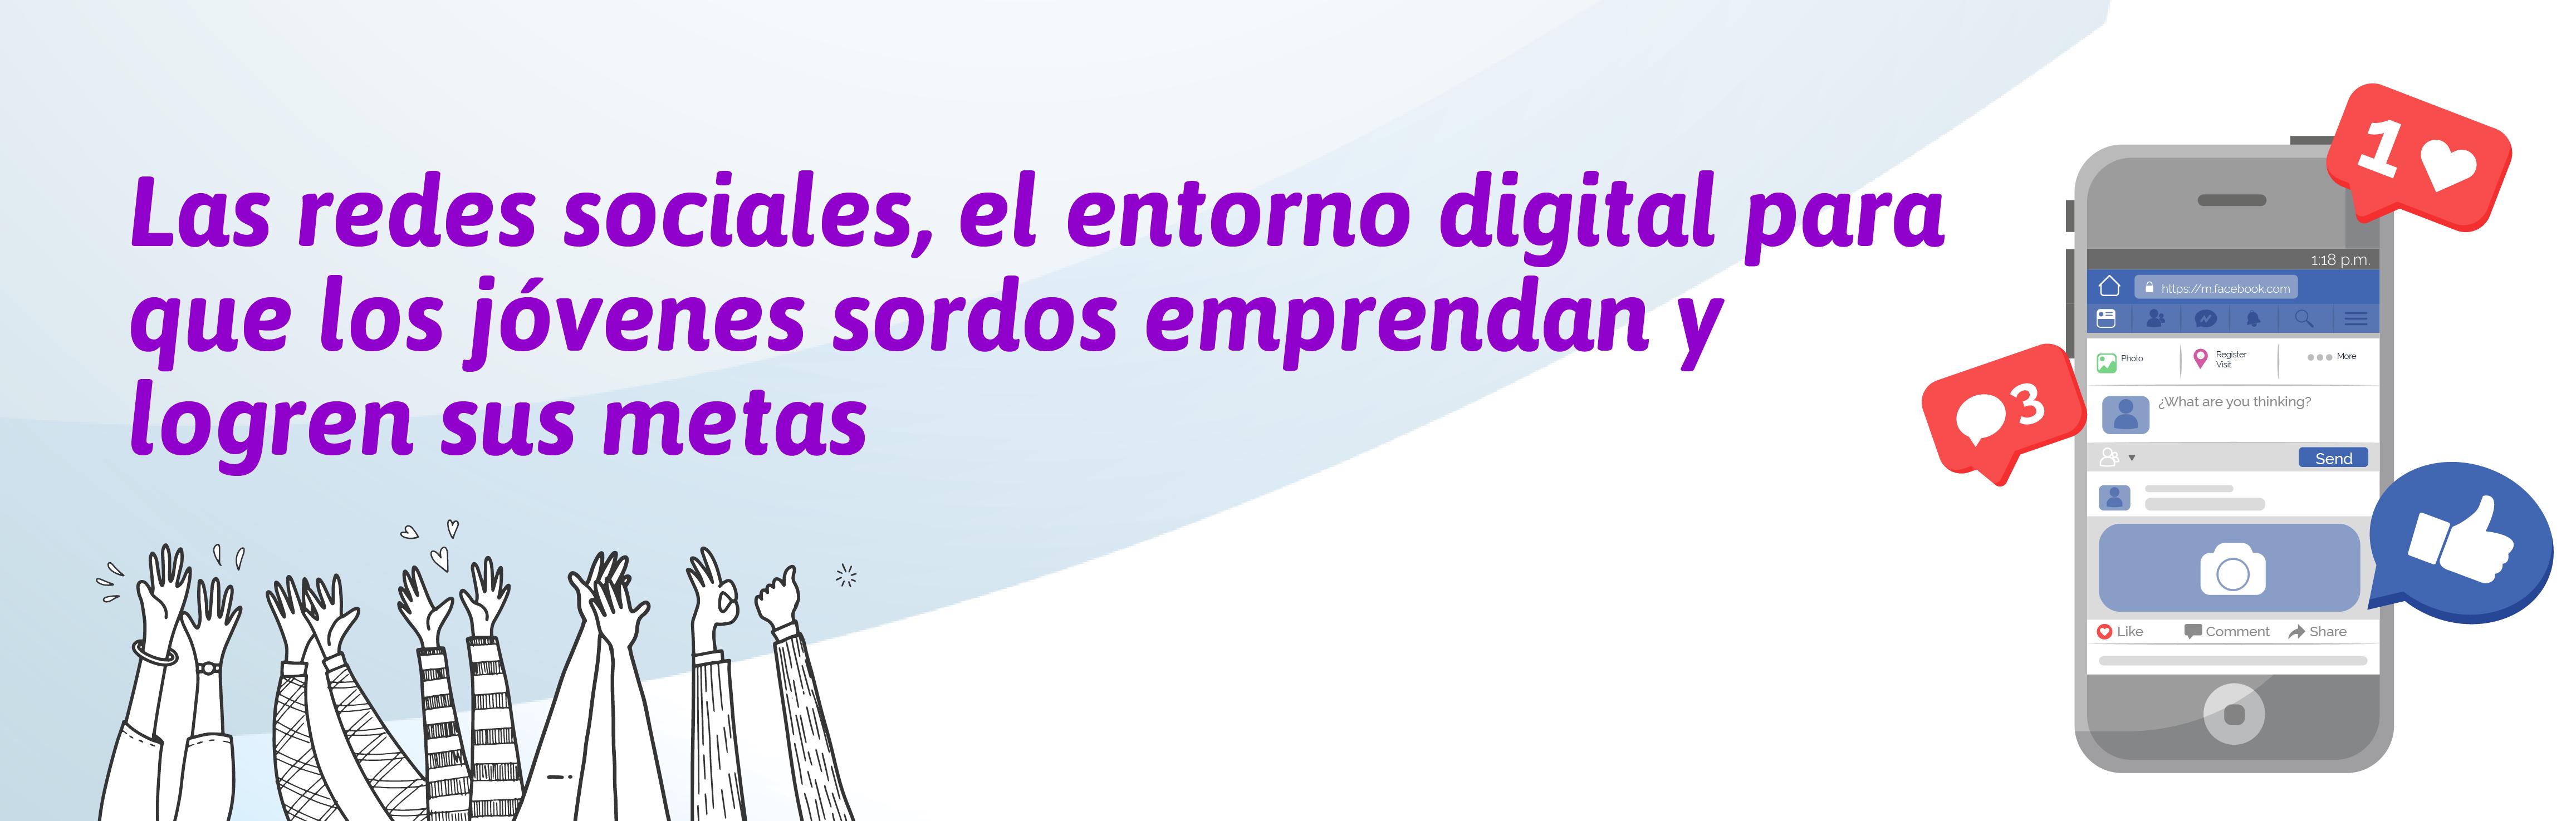 Banner de la nota de prensa del conversatorio El uso de las redes sociales: Una juventud sorda sin límites